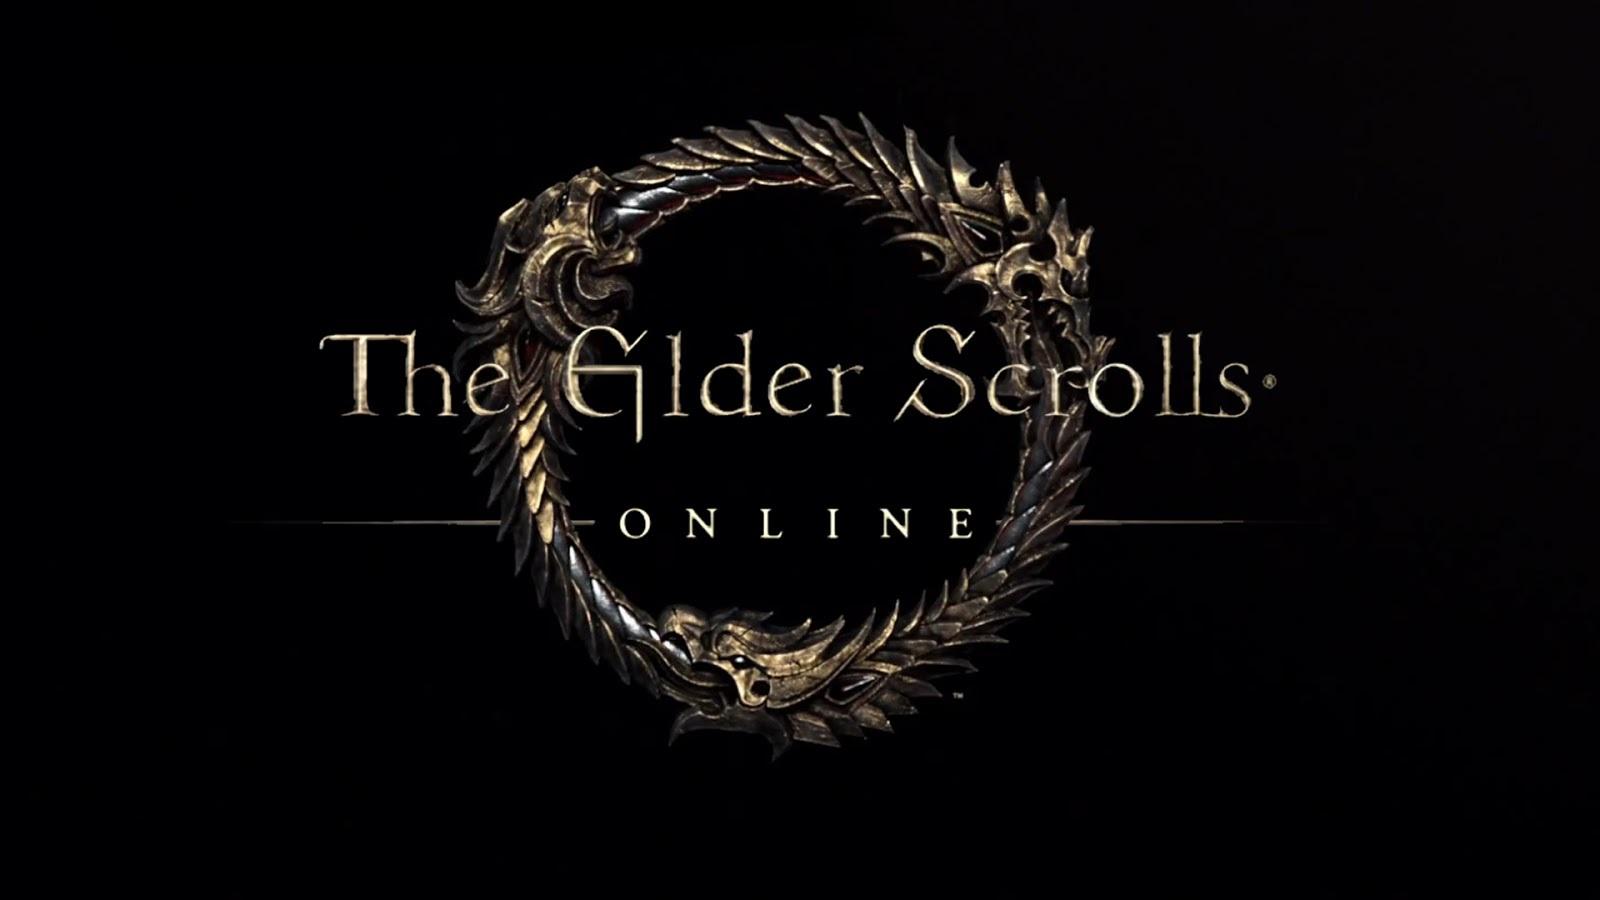 The Elder Scrolls Online: Collection (Steam RU)&#9989 2019